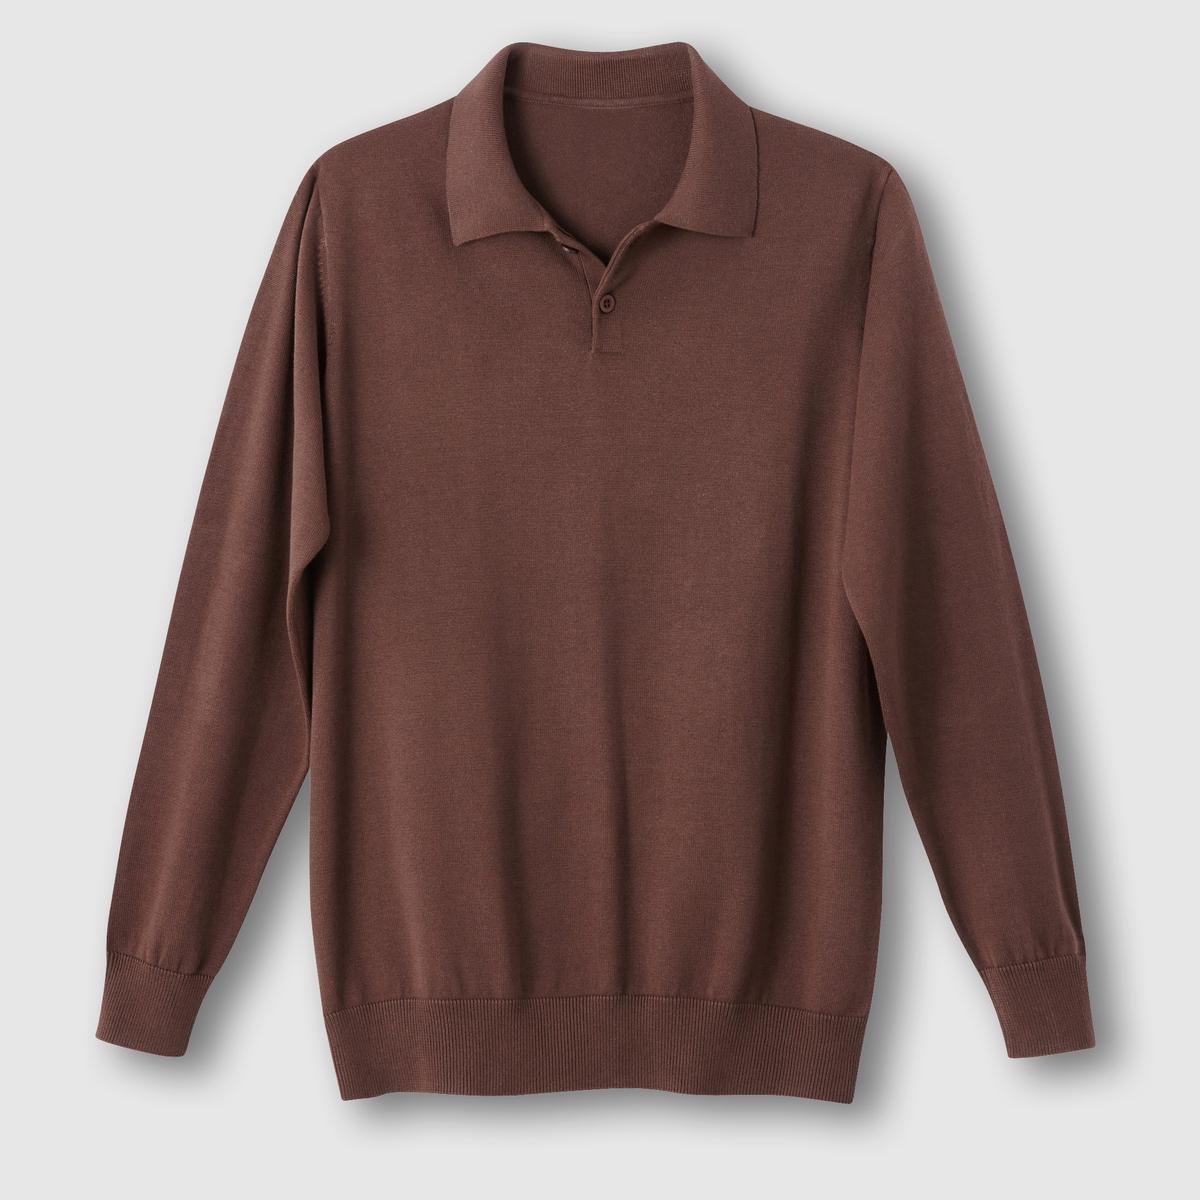 Пуловер с воротником полоПуловер с воротником поло. Длинные рукава. Контрастные нашивки на локтях.Края рукавов и низа связаны в рубчик. Из трикотажа тонкой вязки 100% хлопок. Длина 73 см.<br><br>Цвет: шоколадный